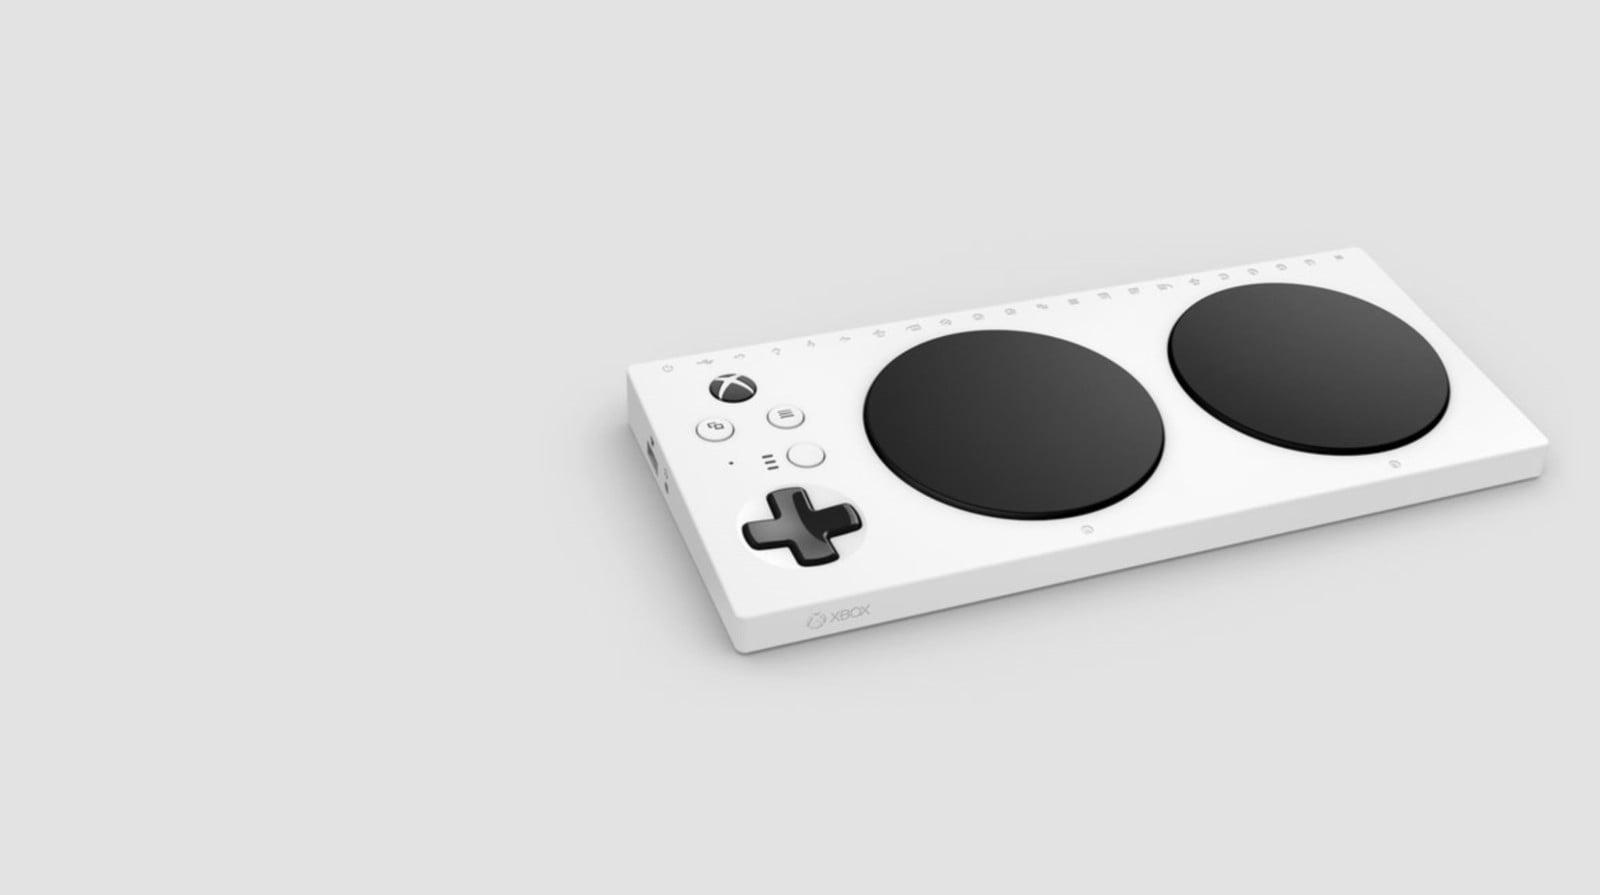 Un nuevo mando para que todos puedan jugar